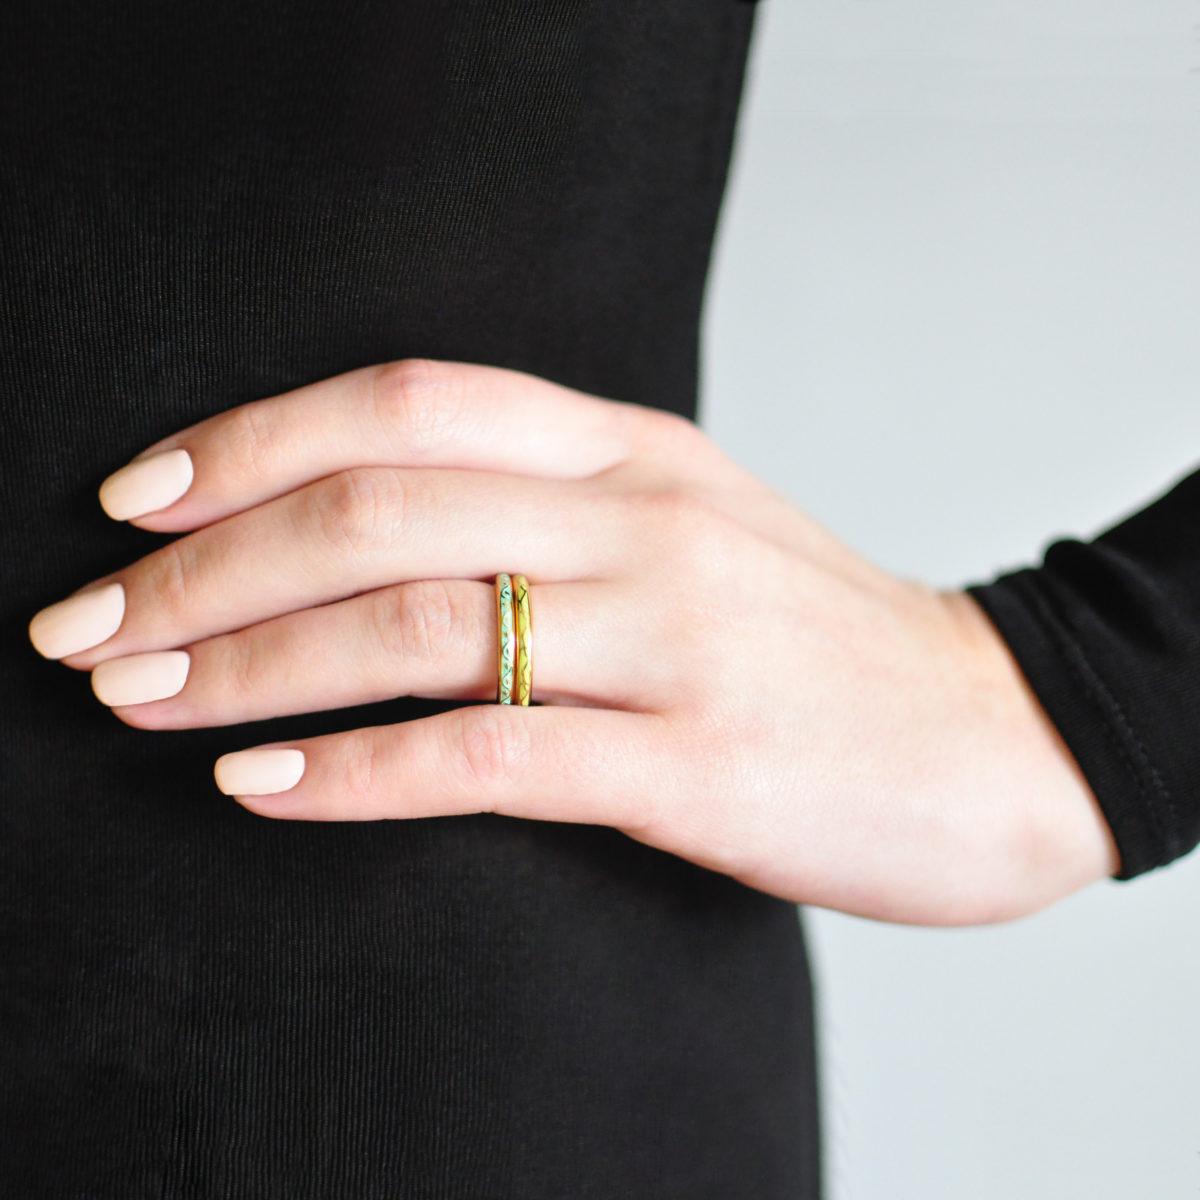 Zolochenie 155 157 1200x1200 - Кольцо из серебра «Принцесса на горошине» (золочение), желтое